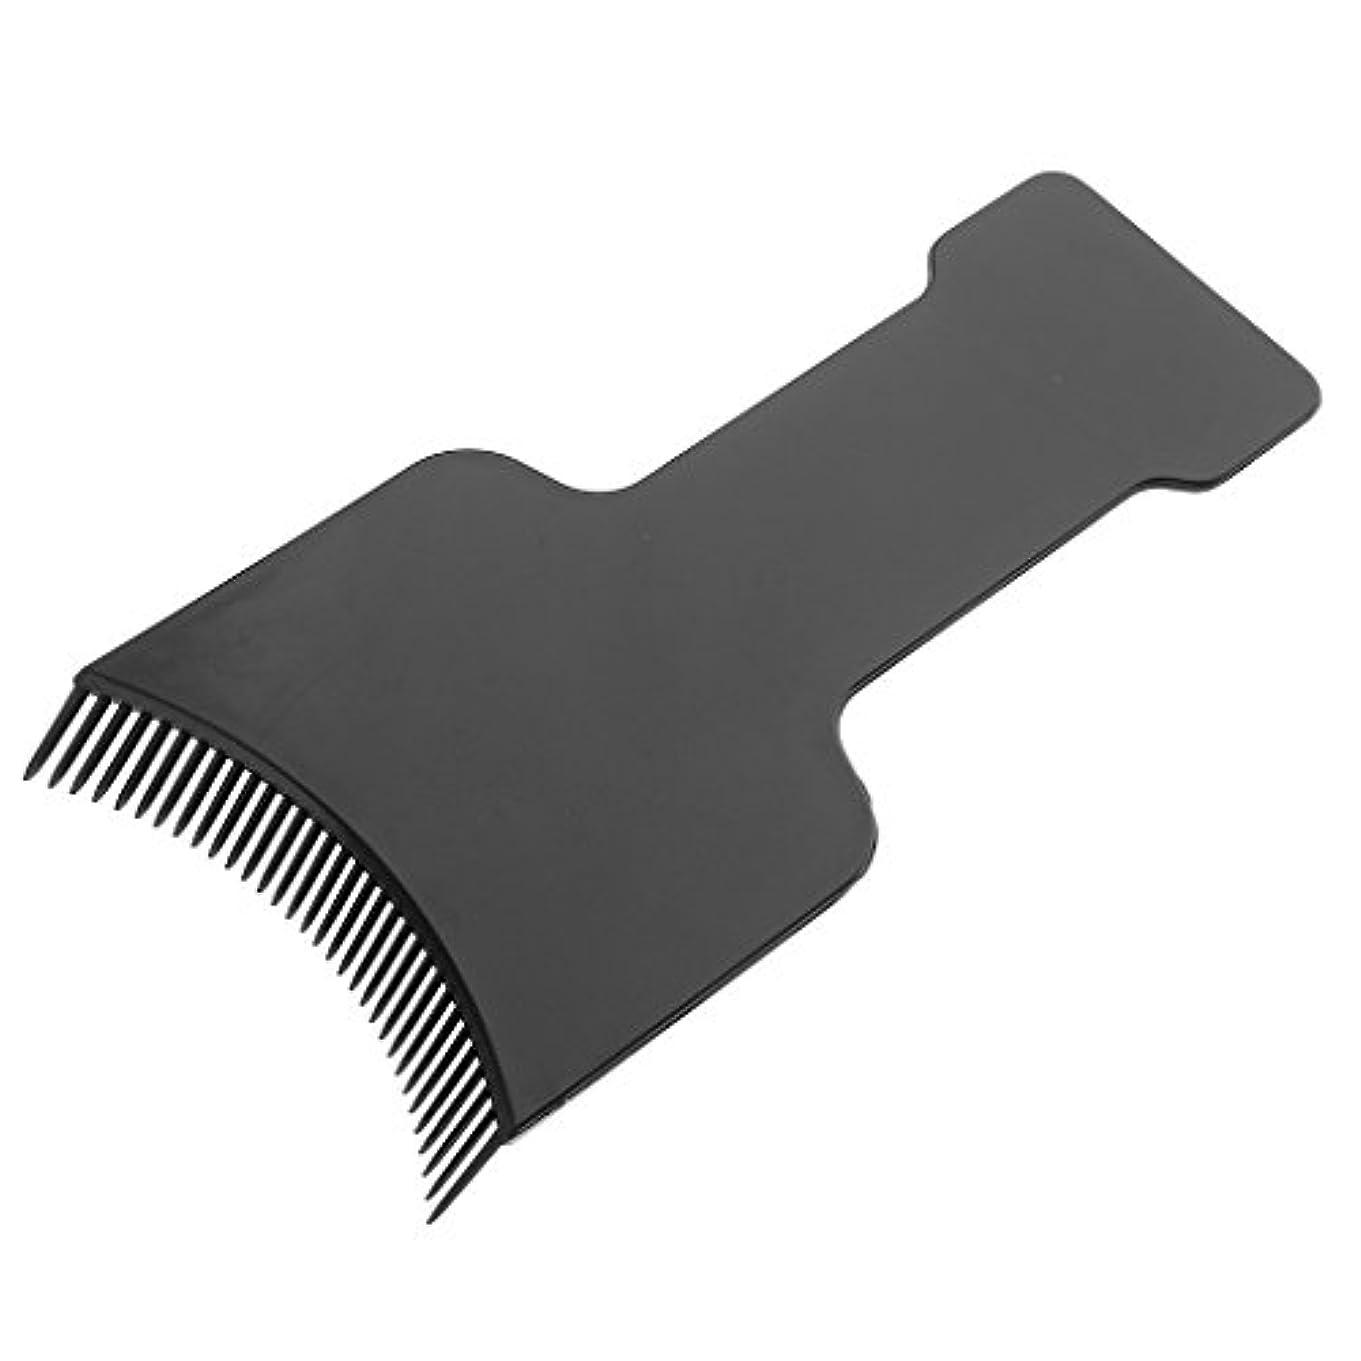 育成罪悪感帝国主義Fenteer ヘアカラー ボード 髪 染色 ツール ブラック 全4サイズ - S